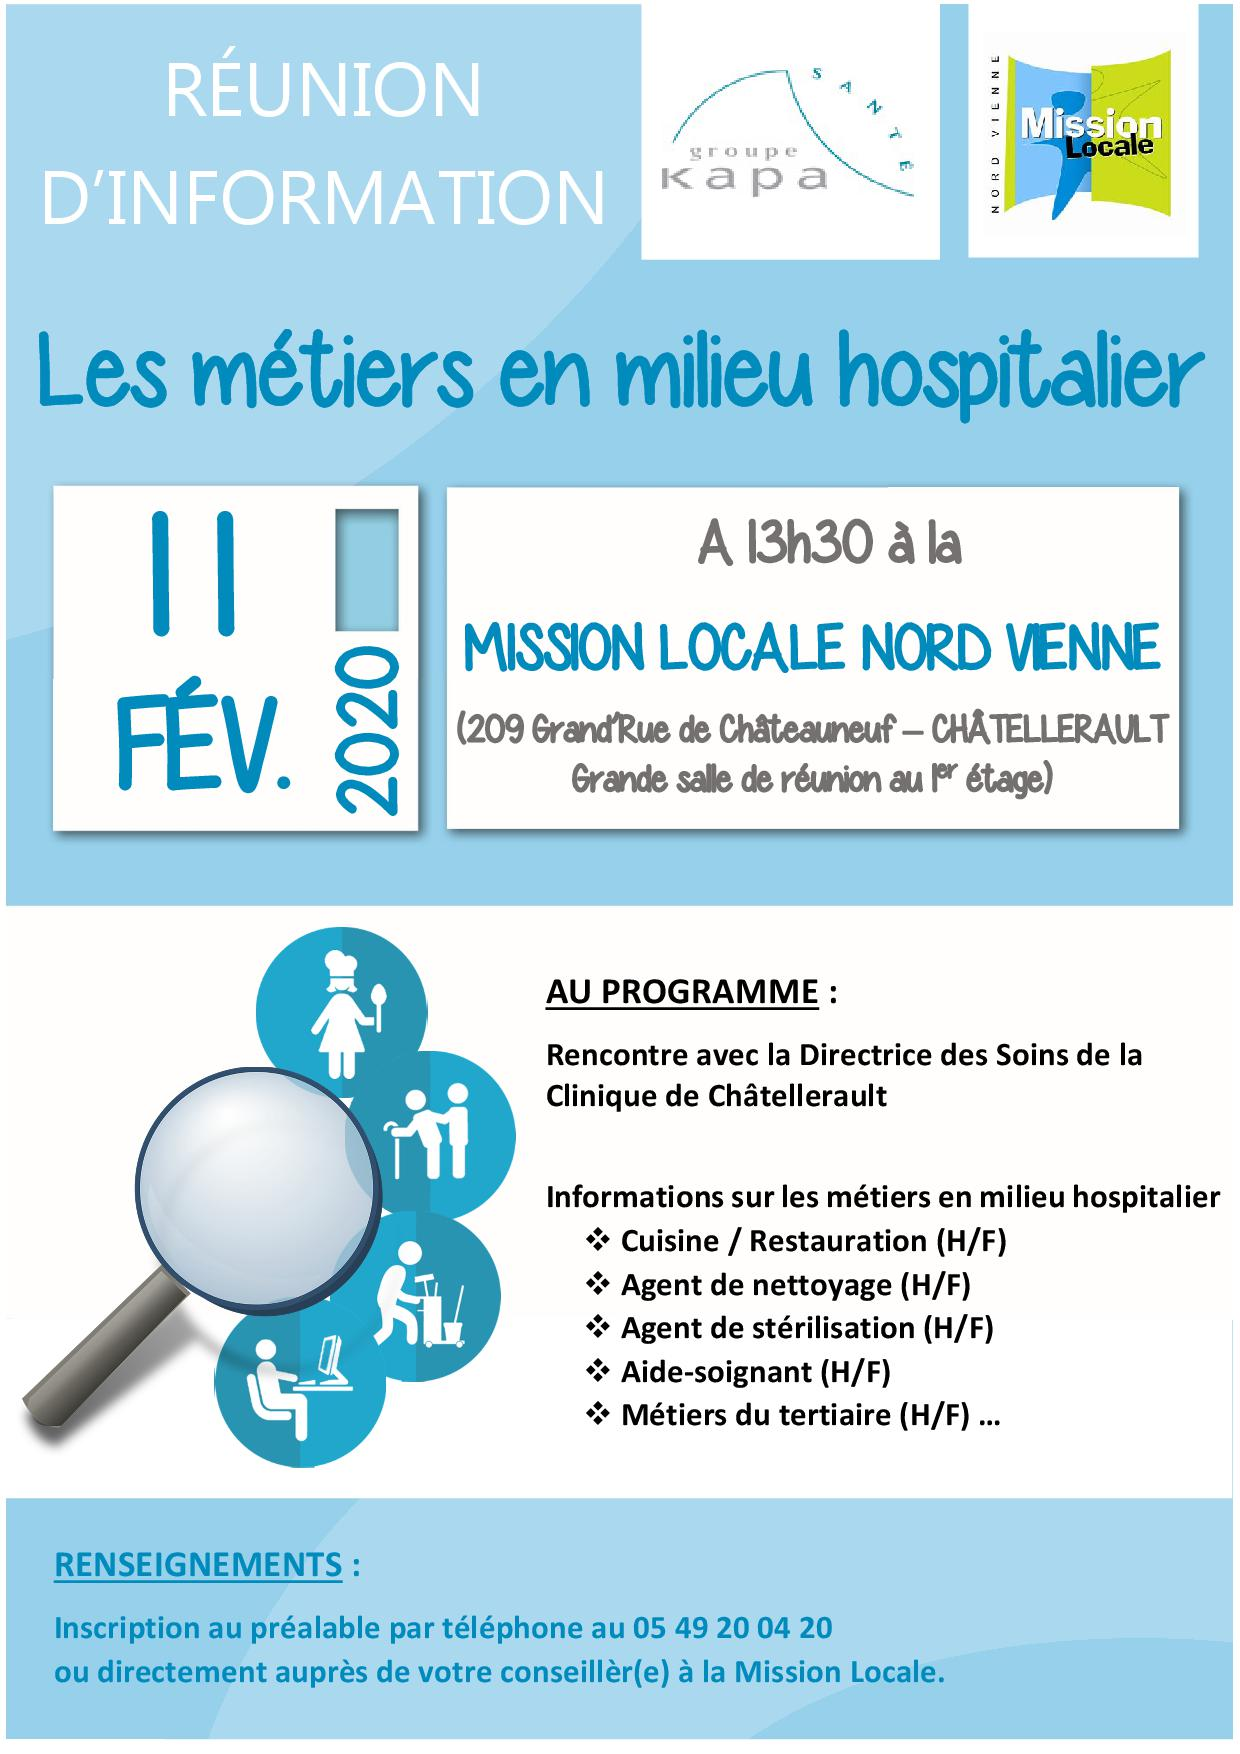 Réunion d'information : Les métiers en milieu hospitalier